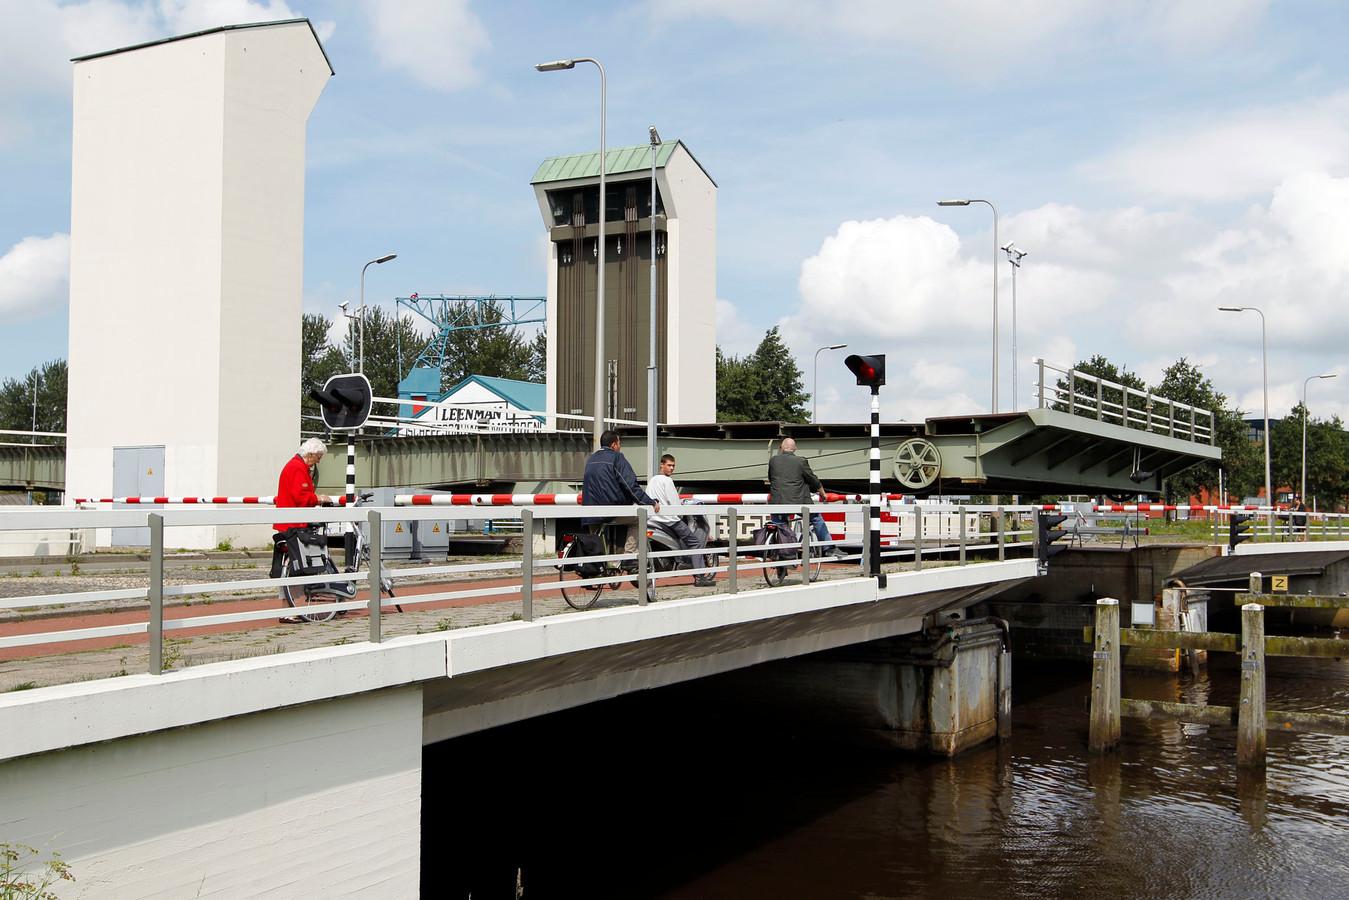 Aanpassing van bedieningstijden, onder meer voor de Holtenbroekerbrug in Zwolle.